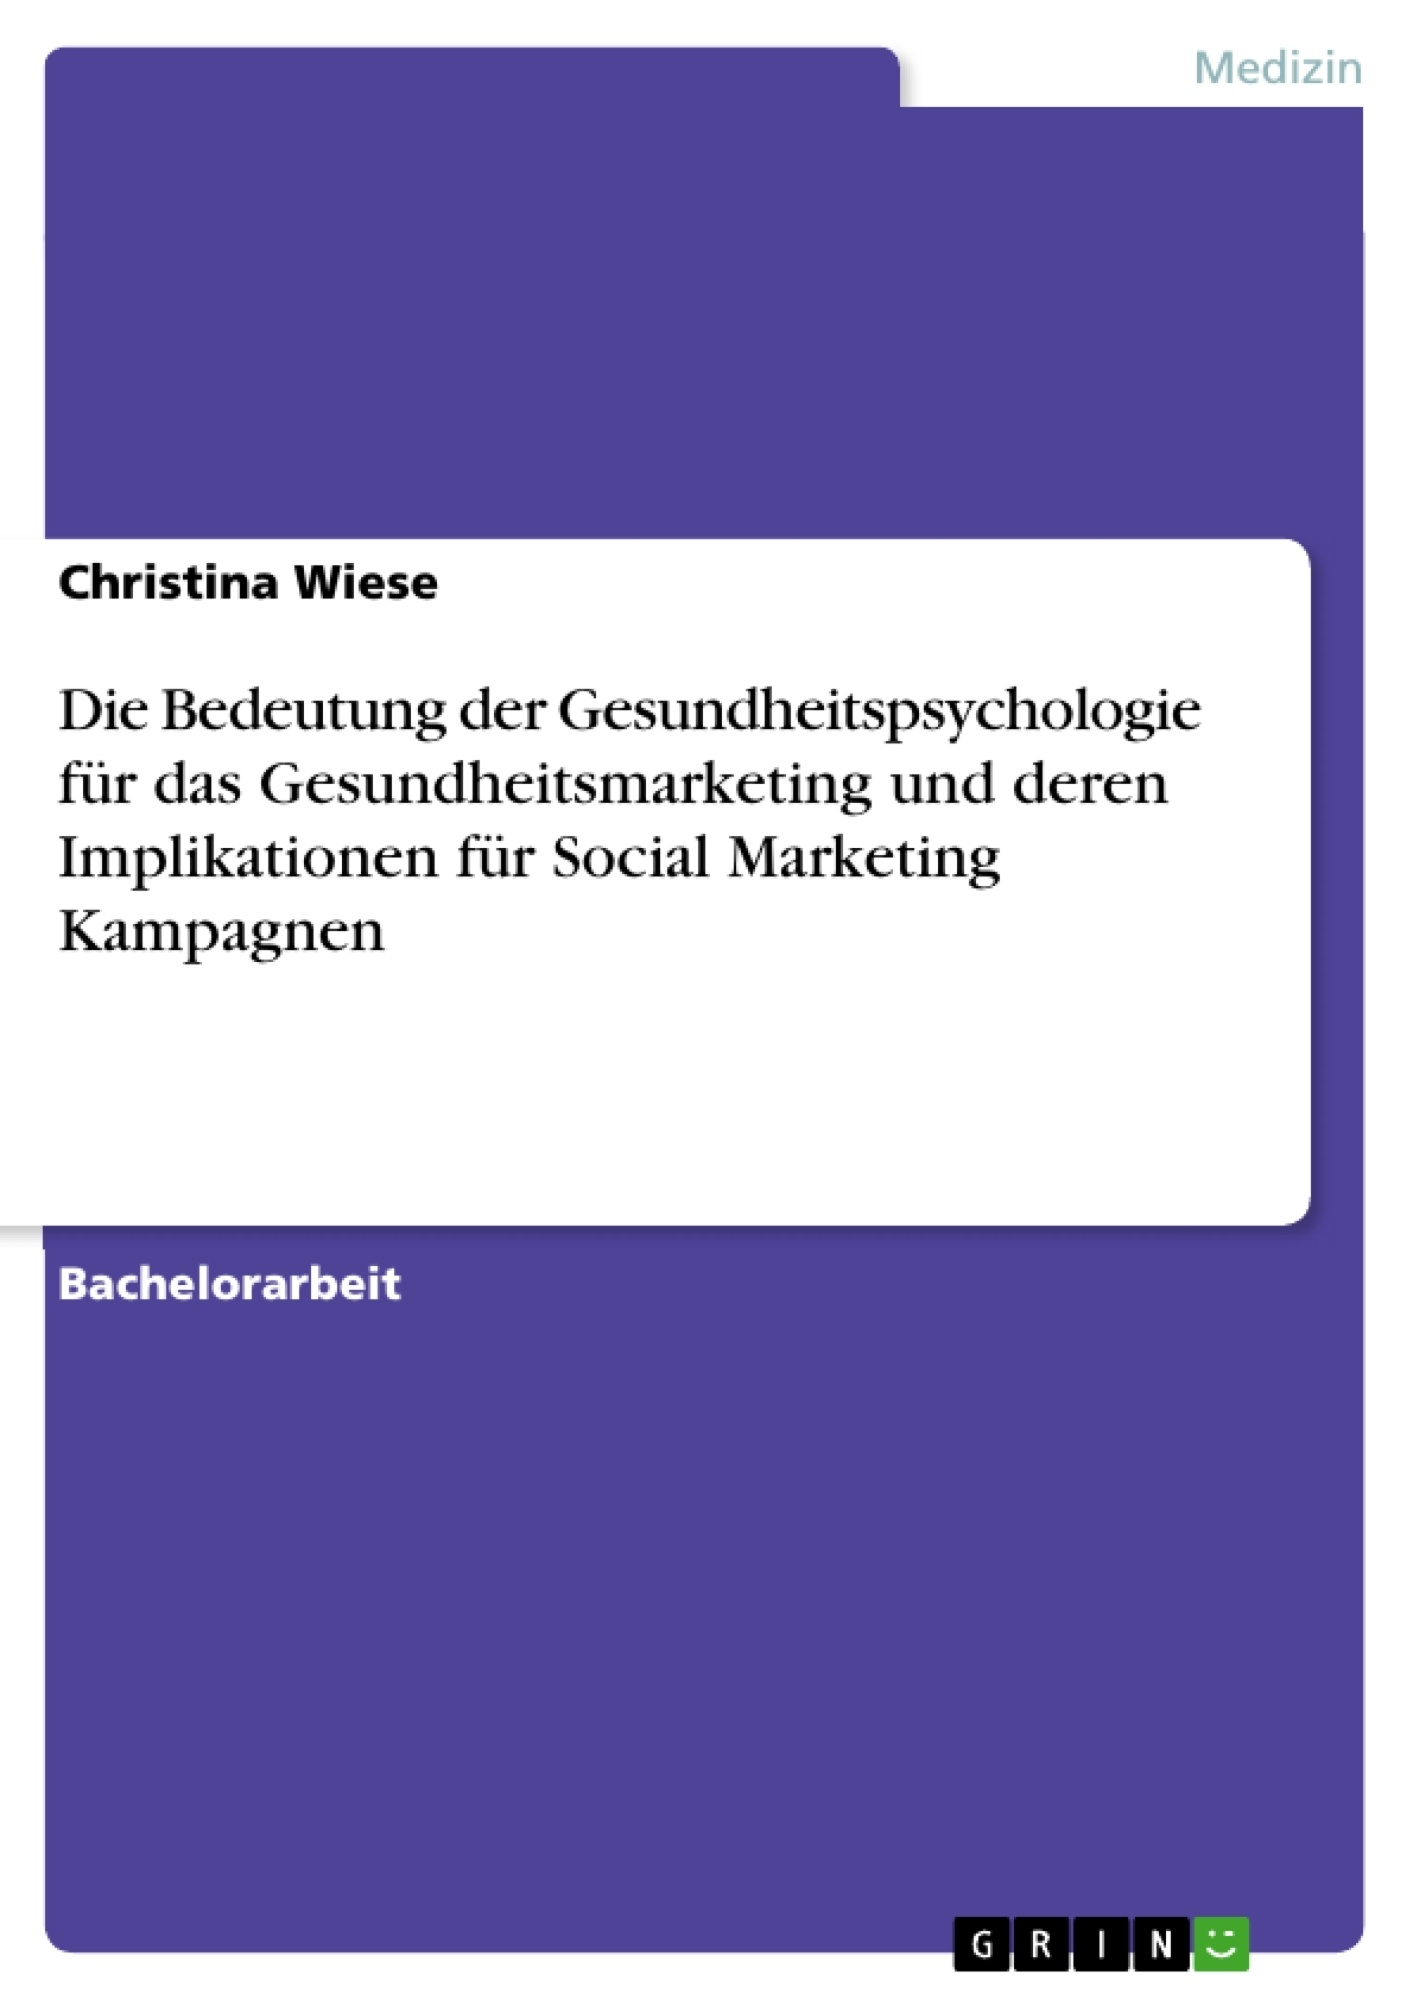 Titel: Die Bedeutung der Gesundheitspsychologie für das Gesundheitsmarketing und deren Implikationen für Social Marketing Kampagnen